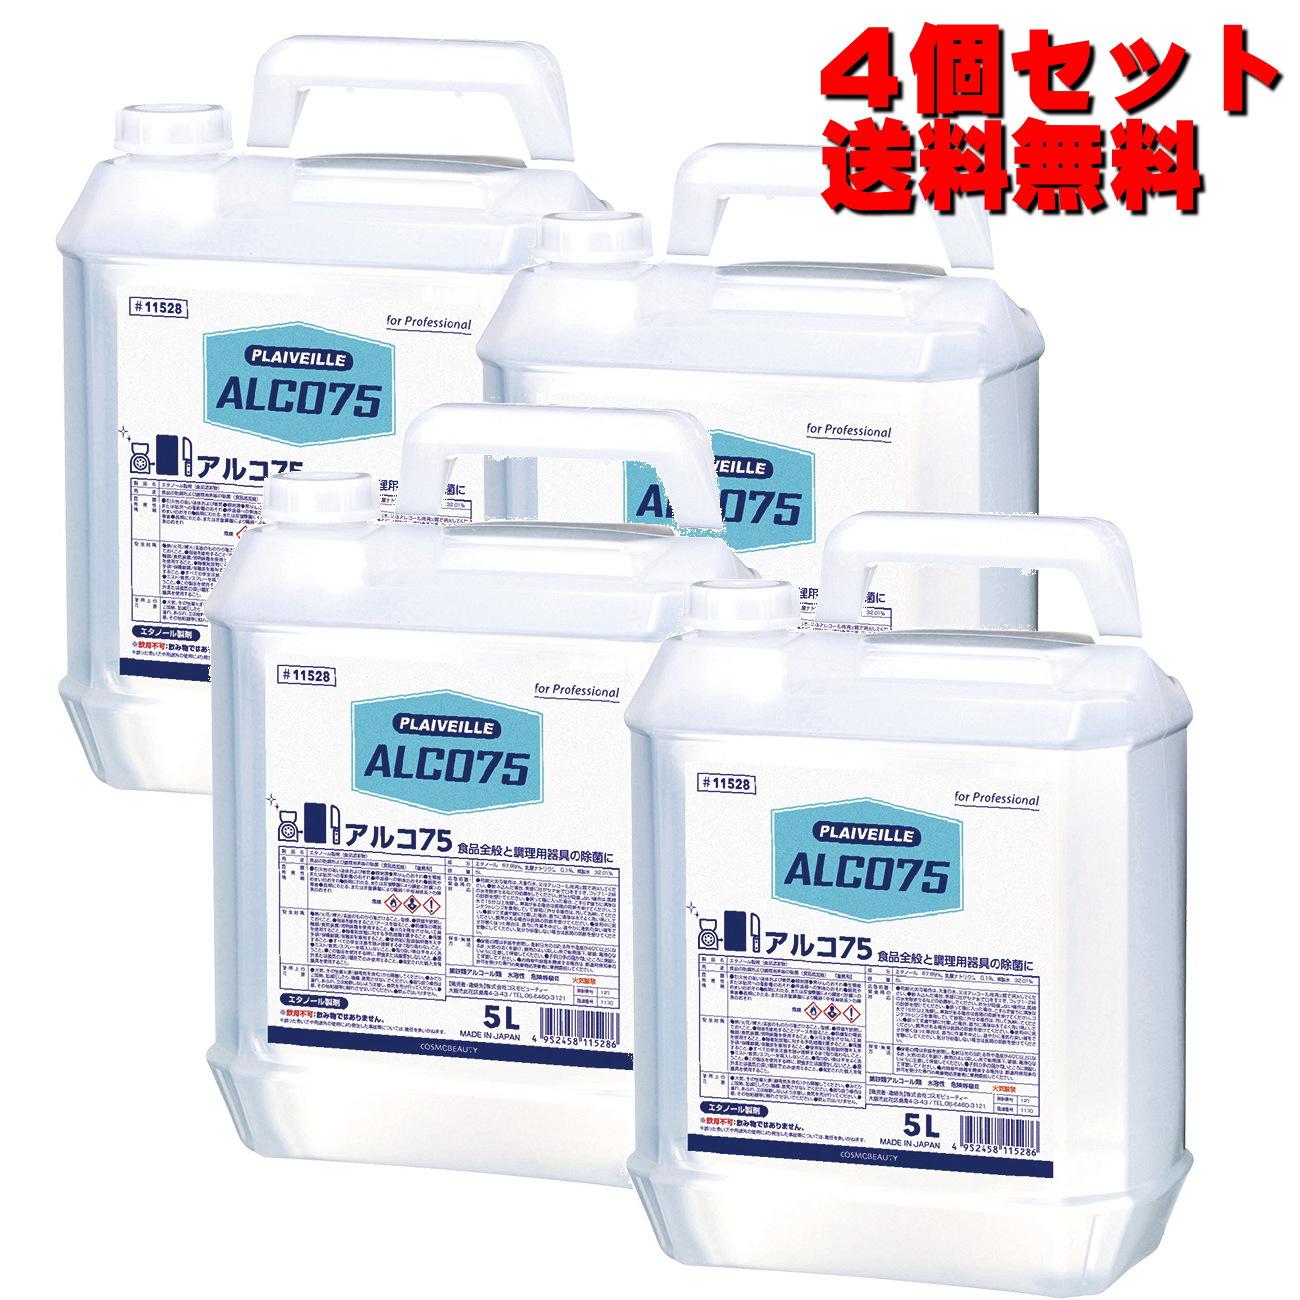 アルコール 除菌 業務用 食品添加物 製剤 クリンバー アルコ 75 5L×4個 11528 エタノール コスモビューティー 送料無料